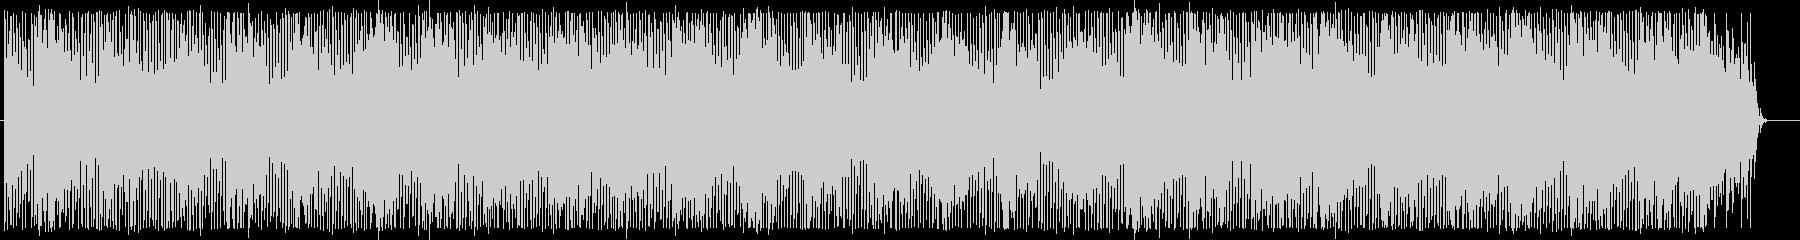 ほのぼのとしたエレクトロの未再生の波形